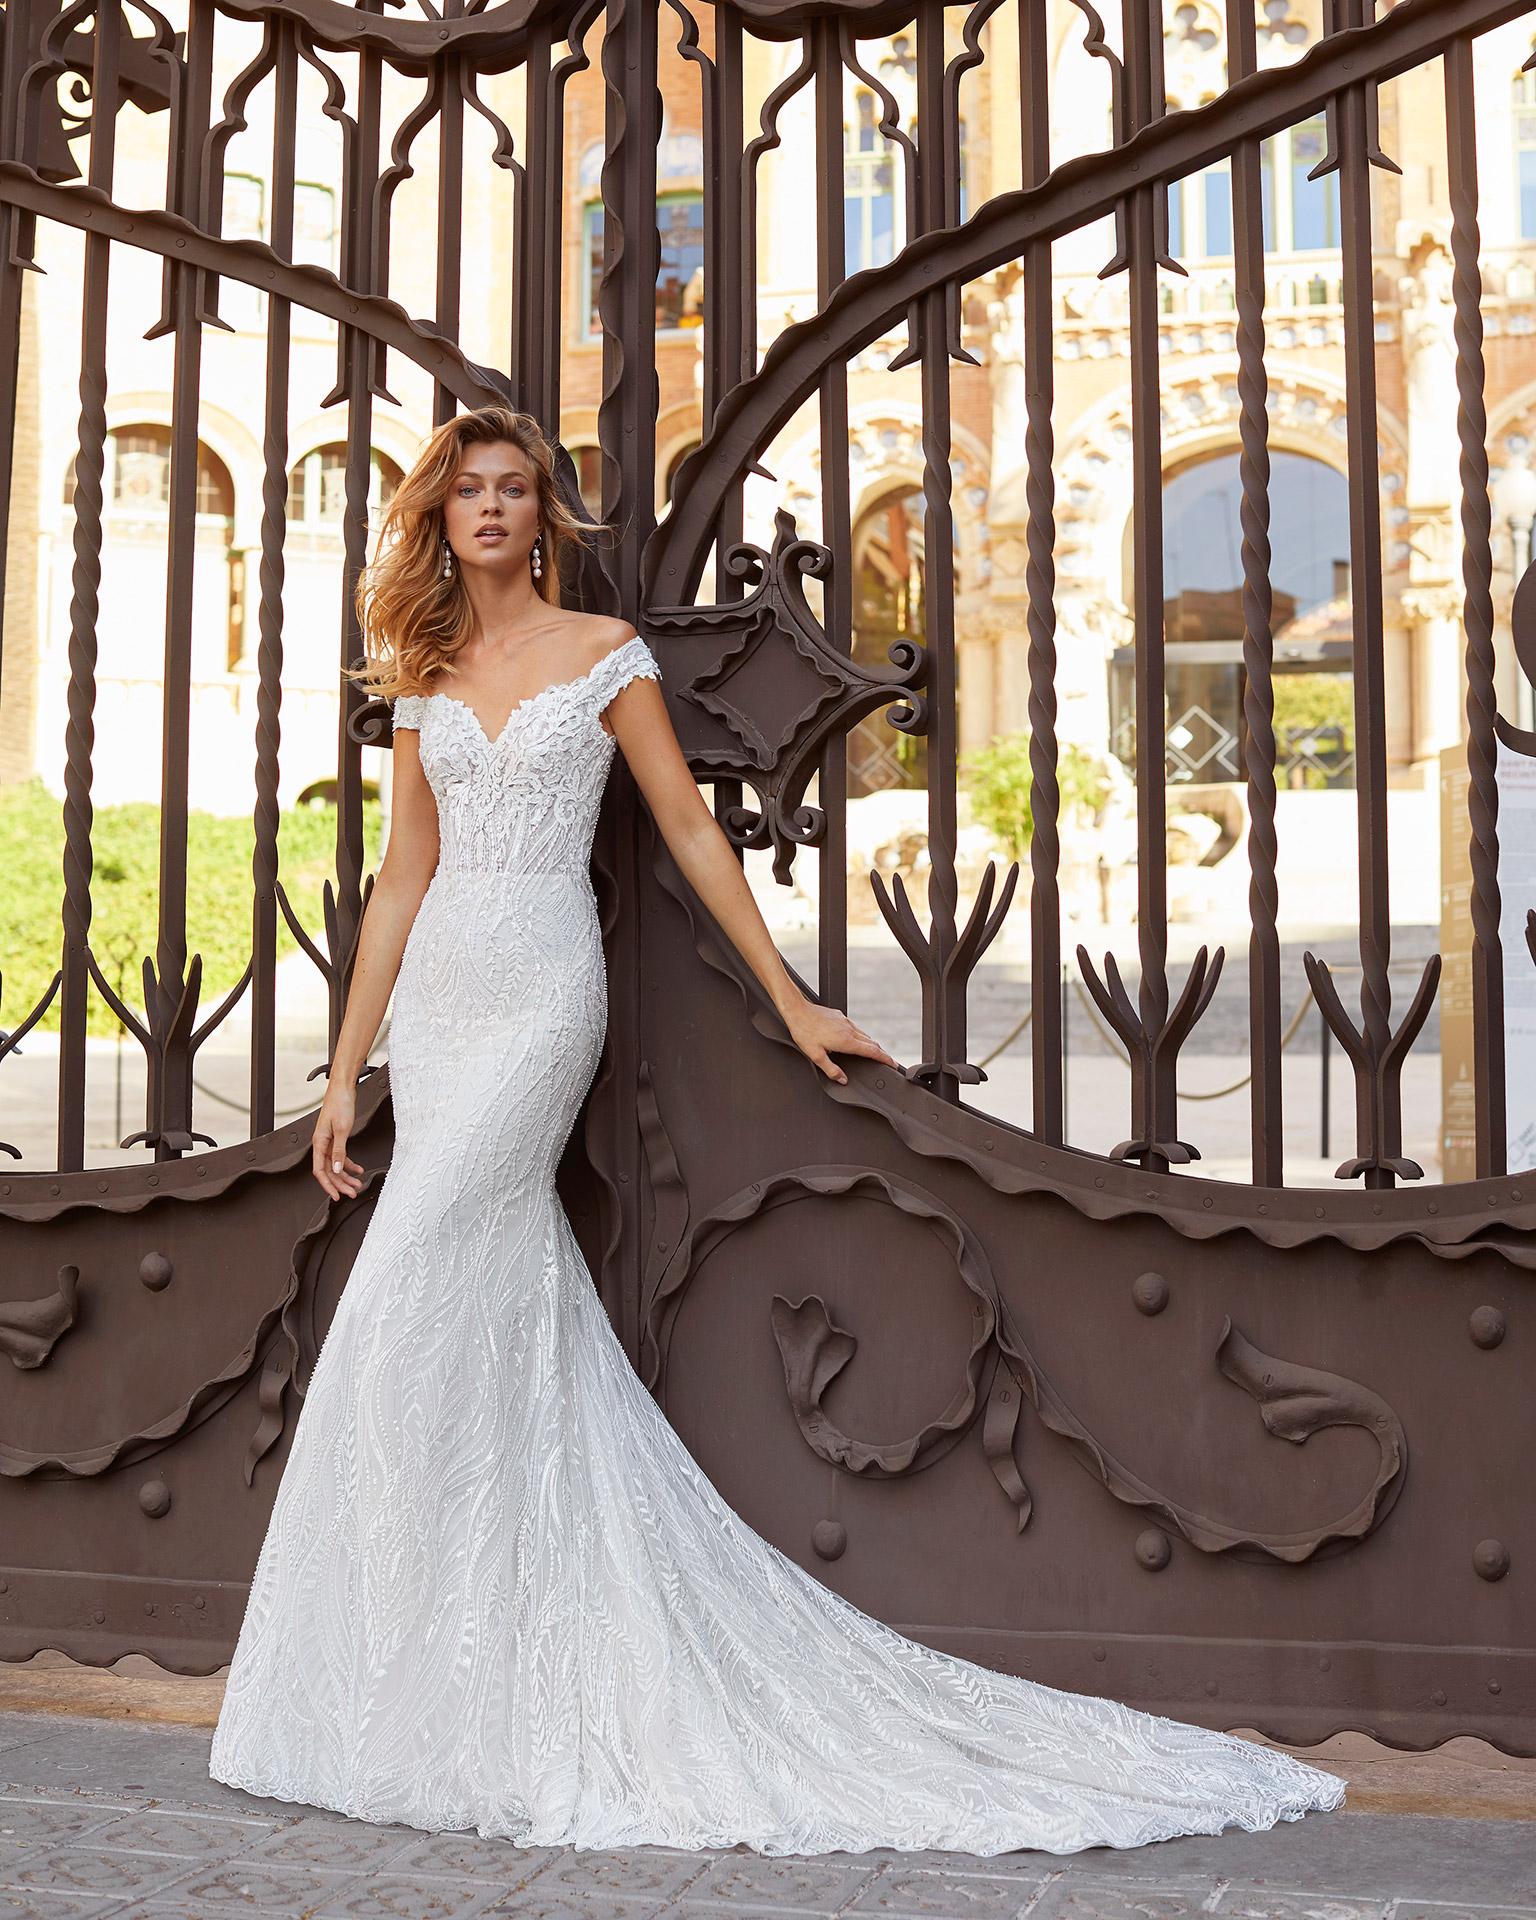 Vestido de novia corte recto de encaje y pedrería. Escote corazón con tirantes bajo hombro. Colección  2021.